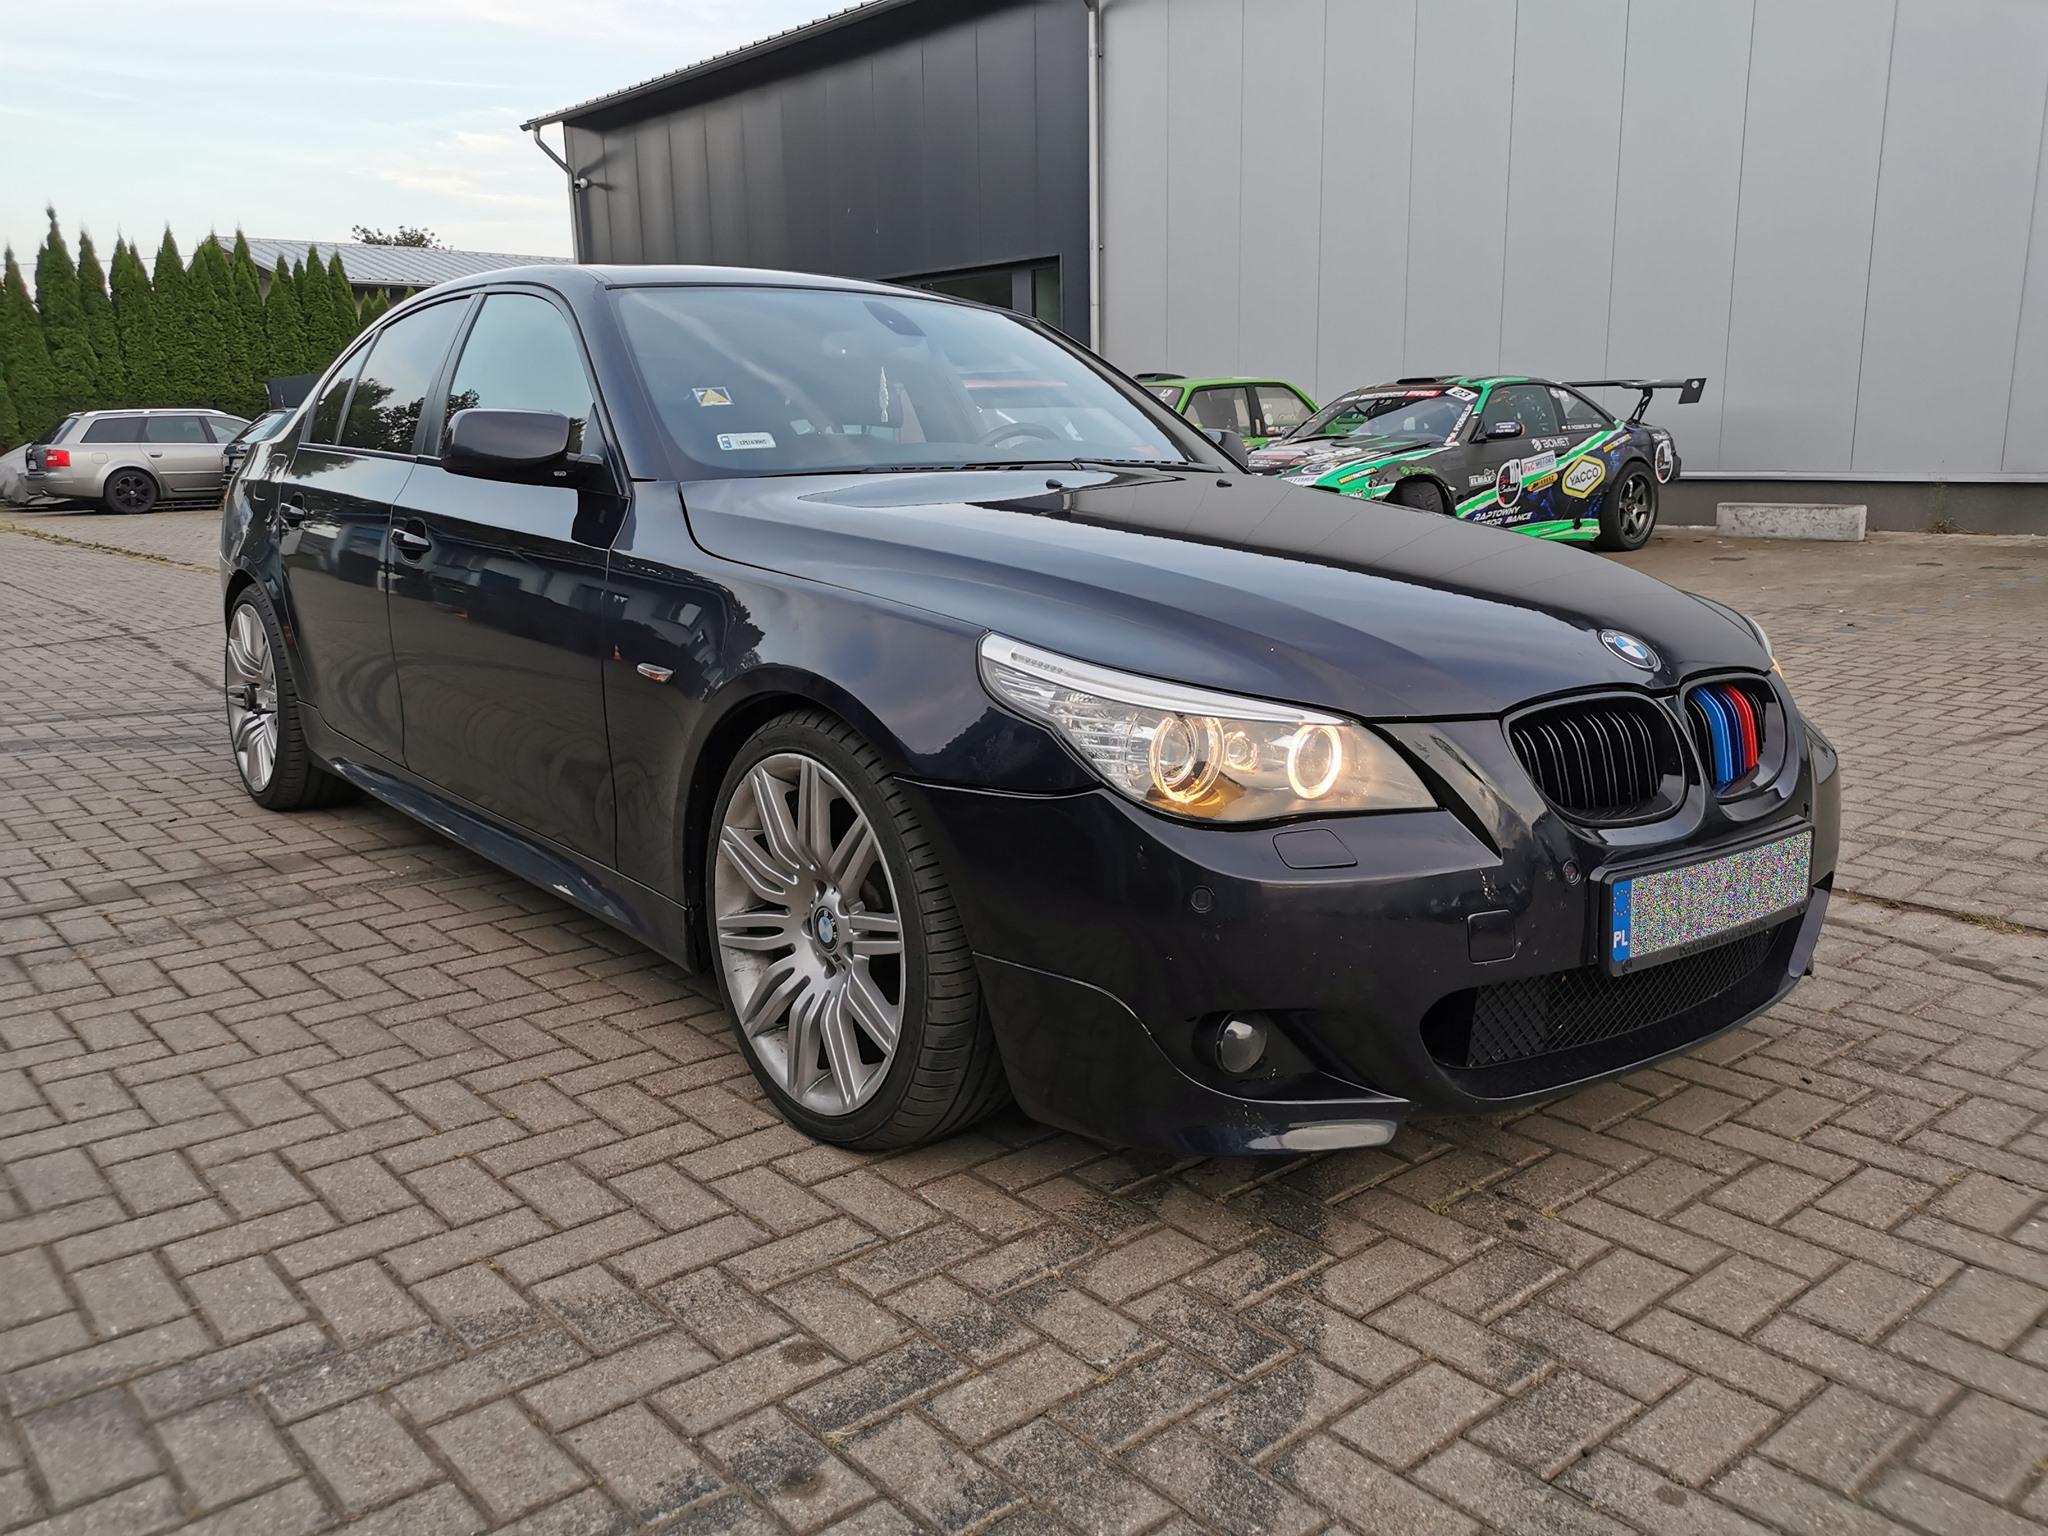 BMW E60 535D 272KM >> 364KM 731Nm